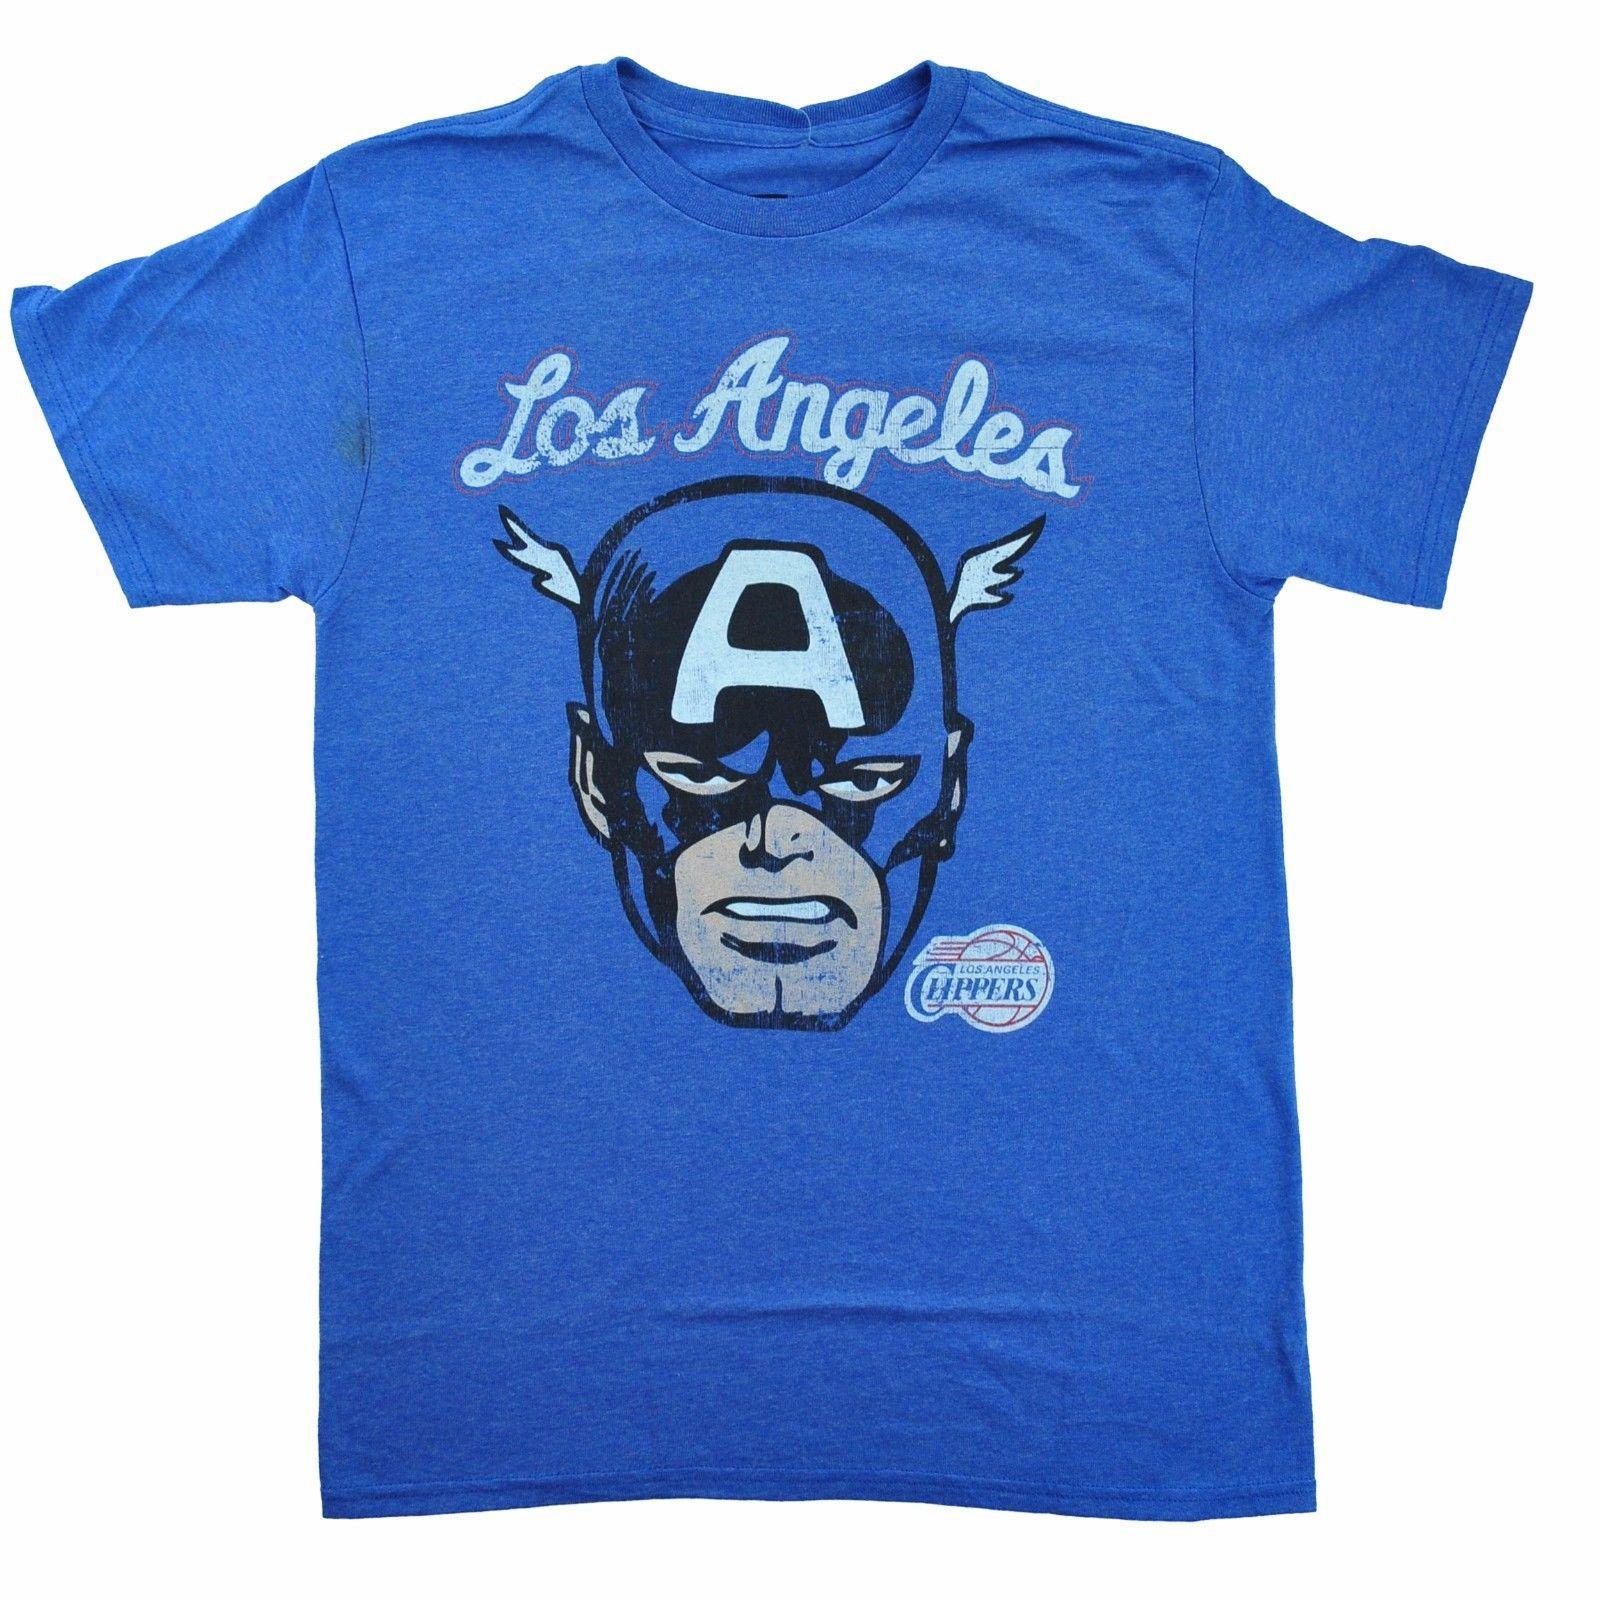 c866407d3 LA Clippers Captain America Marvel Comics Mens Tee Comfortable T Shirt  Casual Short Sleeve Print 100% Cotton Short Sleeve T Shirt Awesome T Shirts  Online ...